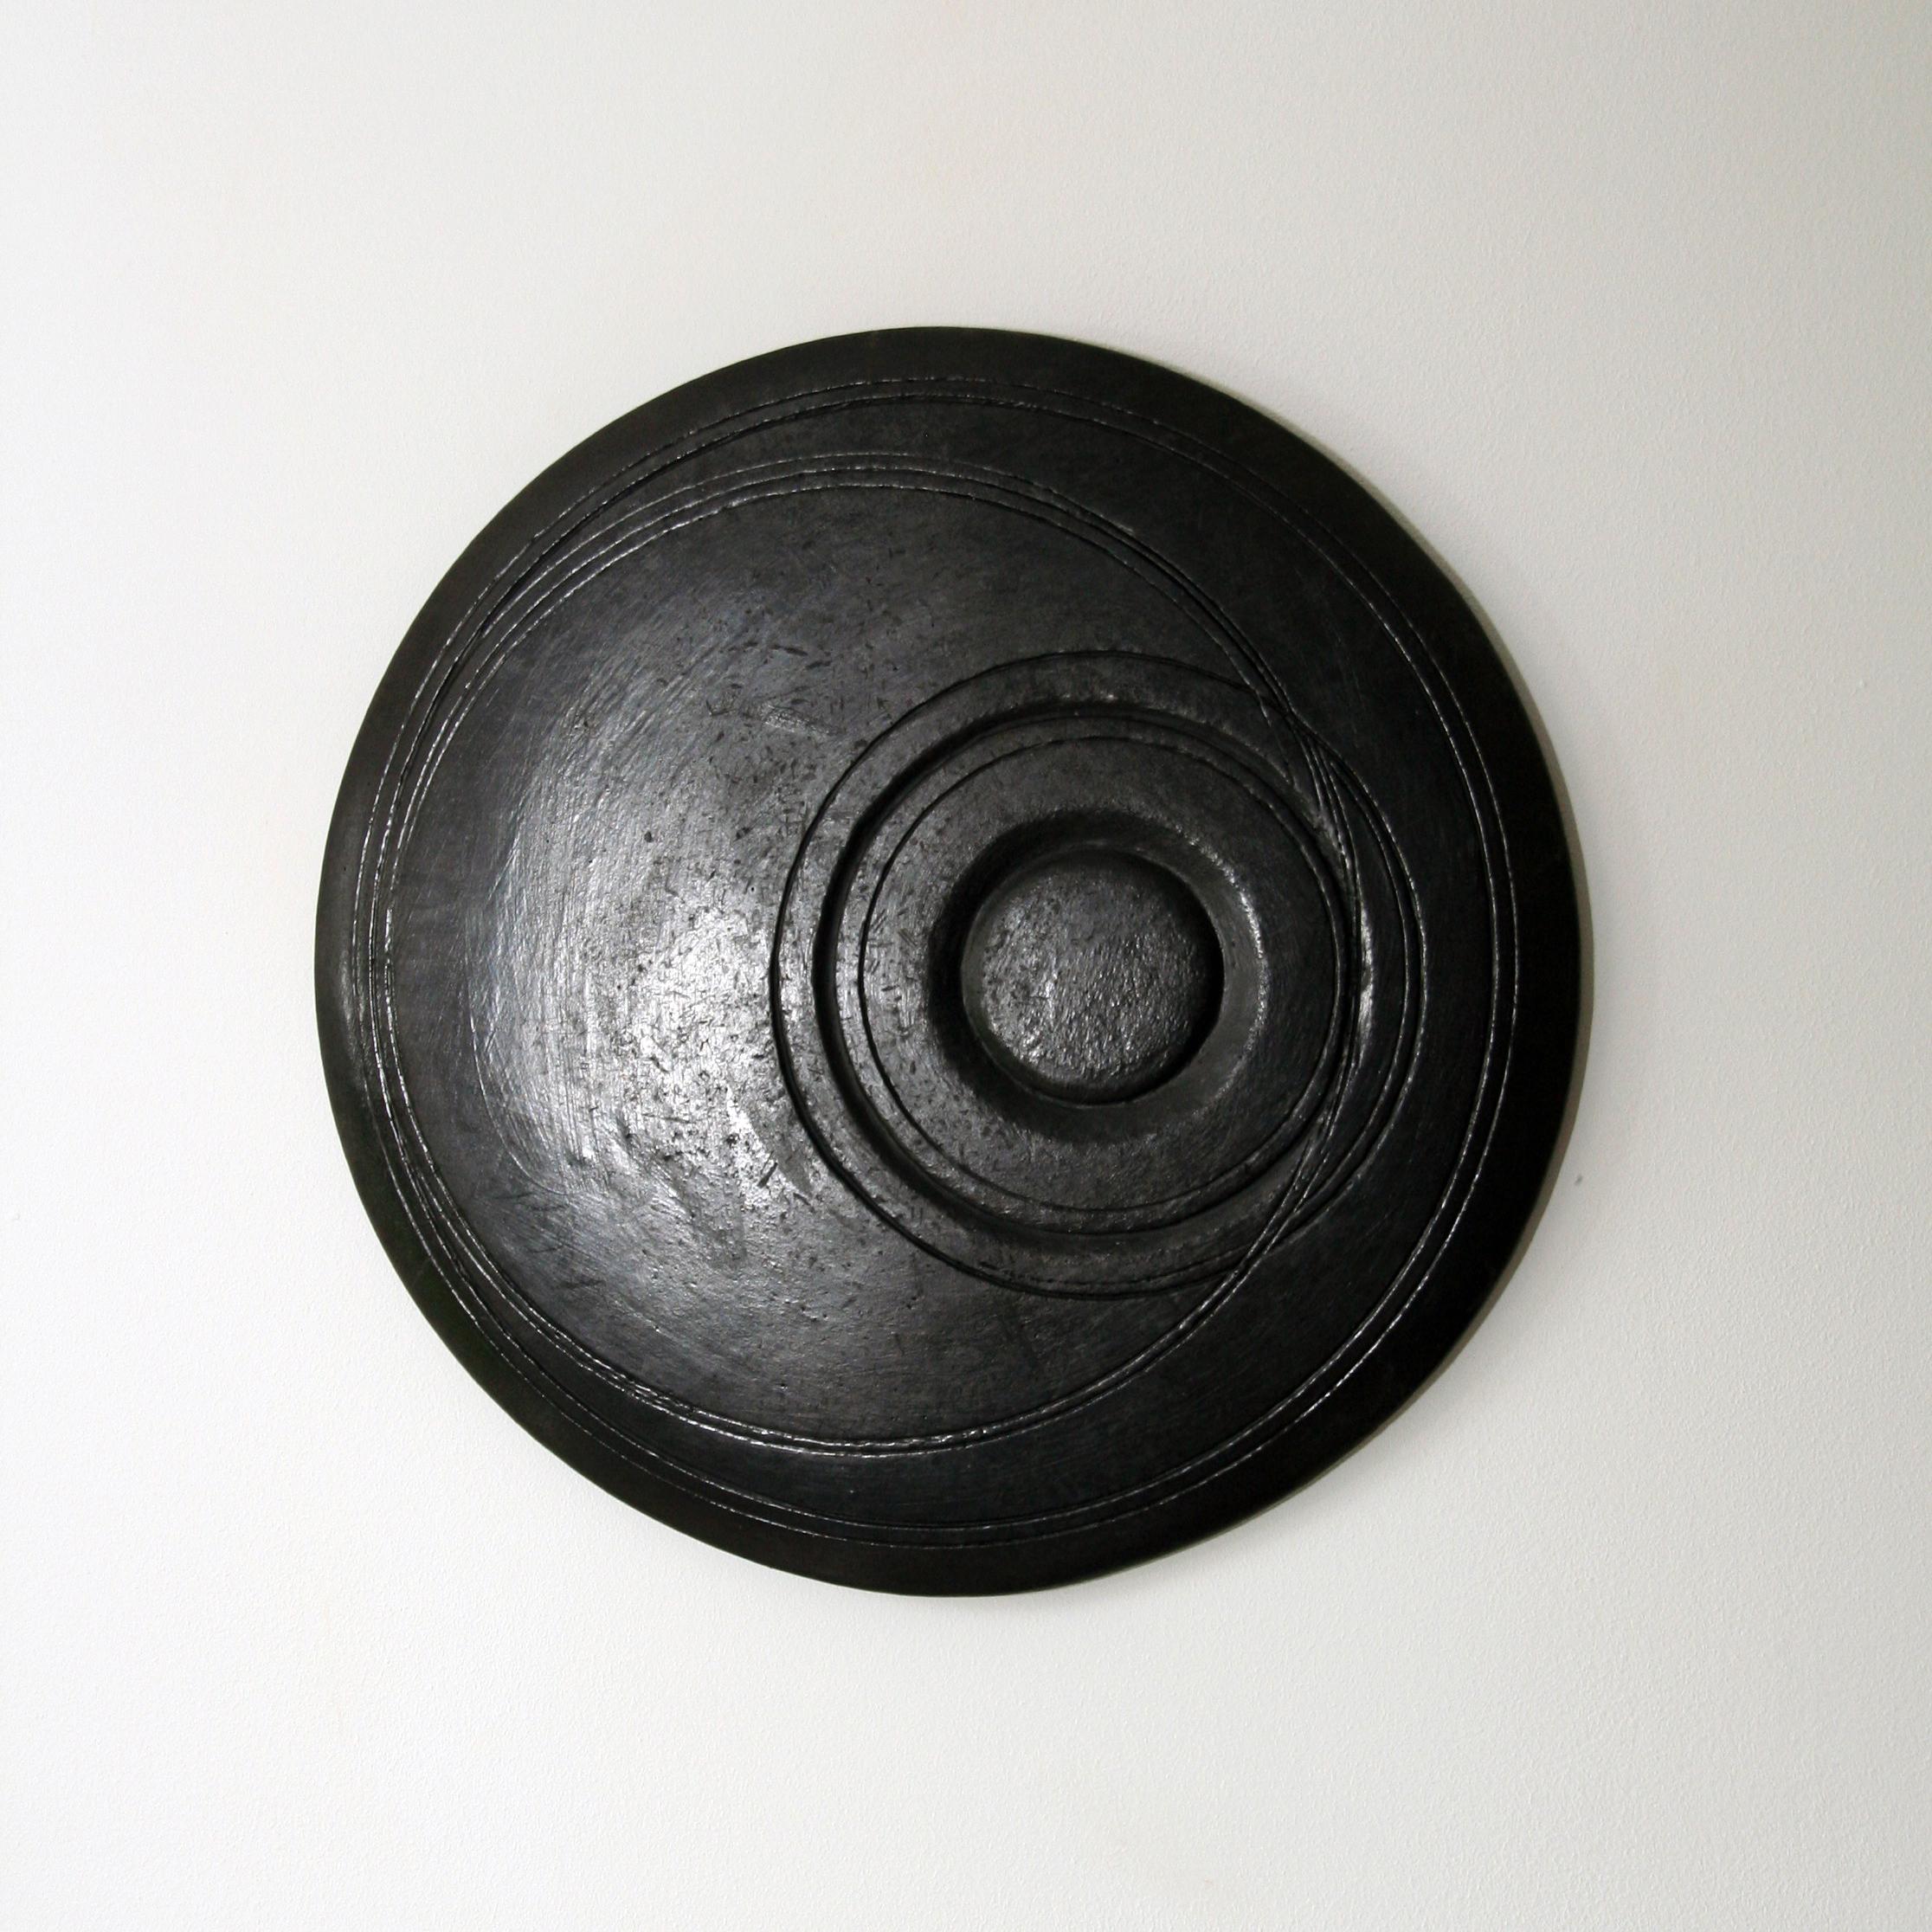 52 MR cabonised sphere 340mm.jpg